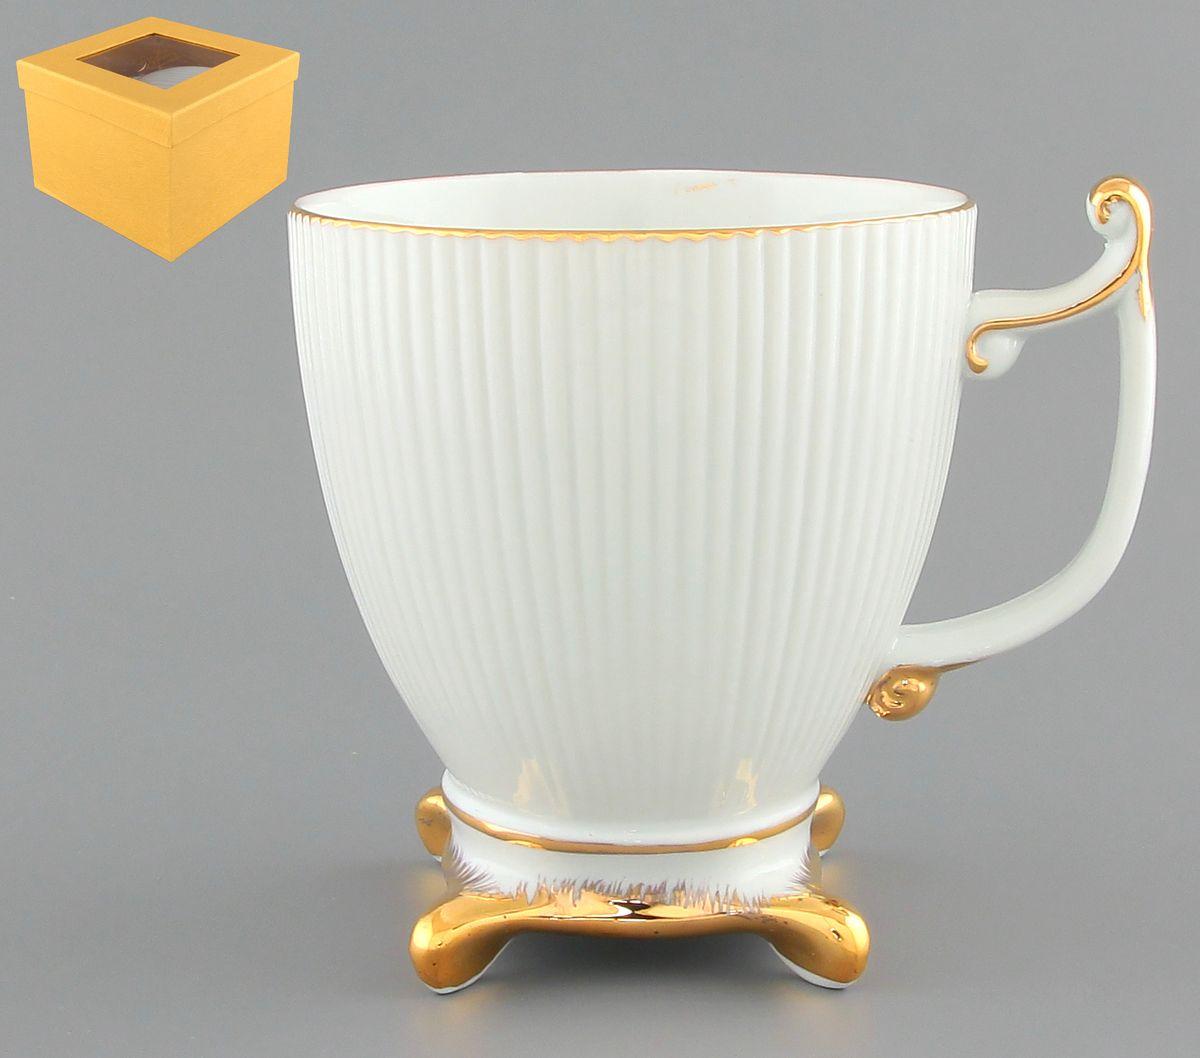 Кружка Elan Gallery Царская, 300 мл801117Изящная кружка Elan Gallery Царская, изготовленная из высококачественной керамики, подойдет для любителей чая, кофе и других напитков. Кружка с отделкой золотистого цвета имеет оригинальную ножку. Изделие упаковано в подарочную коробку. Не использовать в микроволновой печи. Объем кружки: 300 мл. Диаметр кружки (по верхнему краю): 9 см. Высота кружки: 10 см.